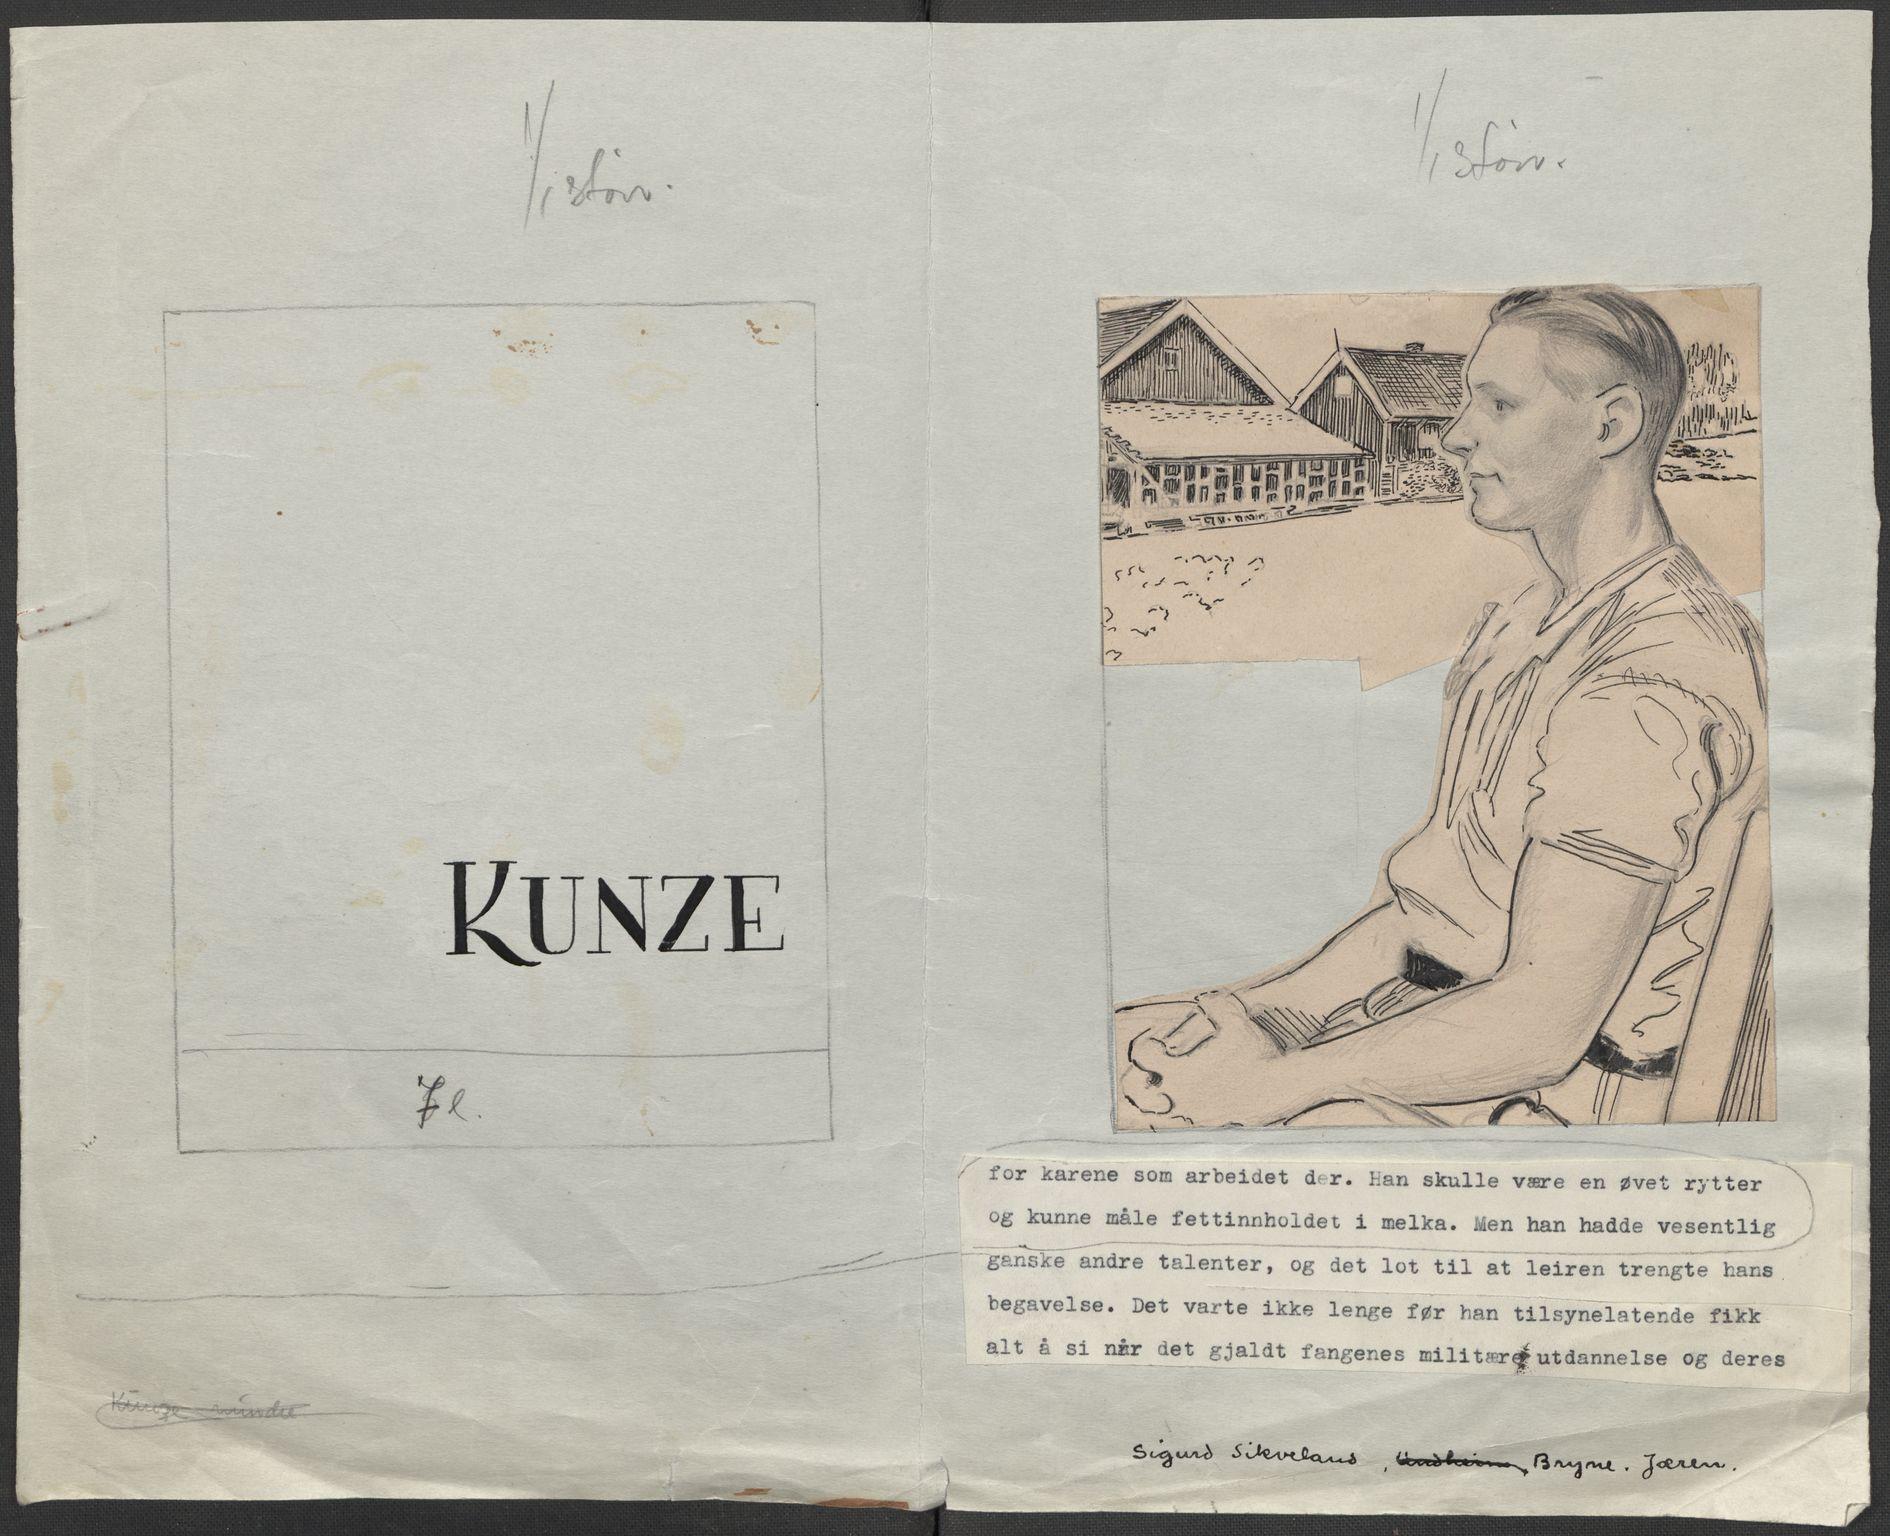 RA, Grøgaard, Joachim, F/L0002: Tegninger og tekster, 1942-1945, p. 104